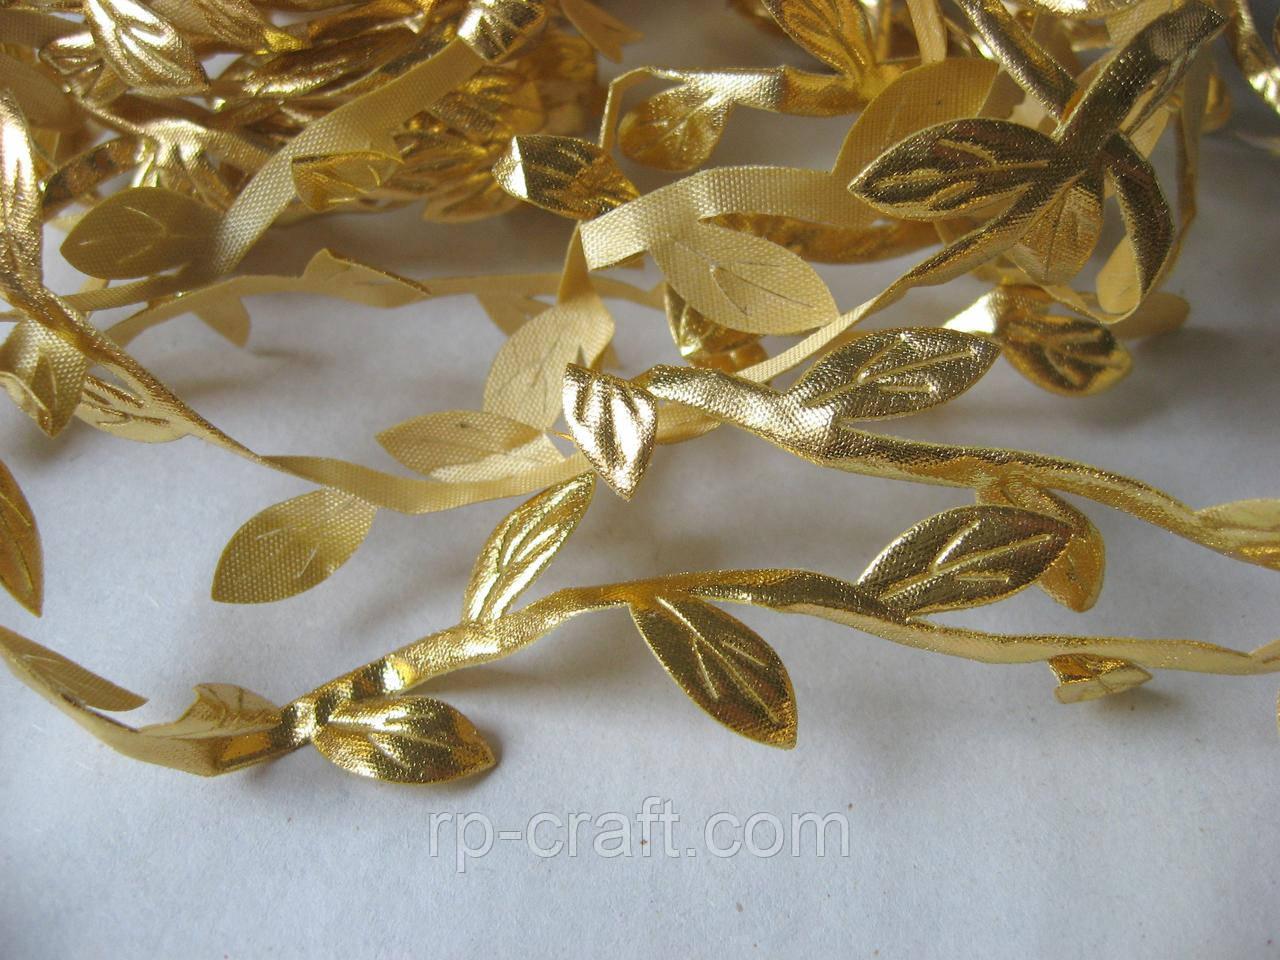 Тасьма декоративна, золоті листочки, 22 мм, 5 метрів